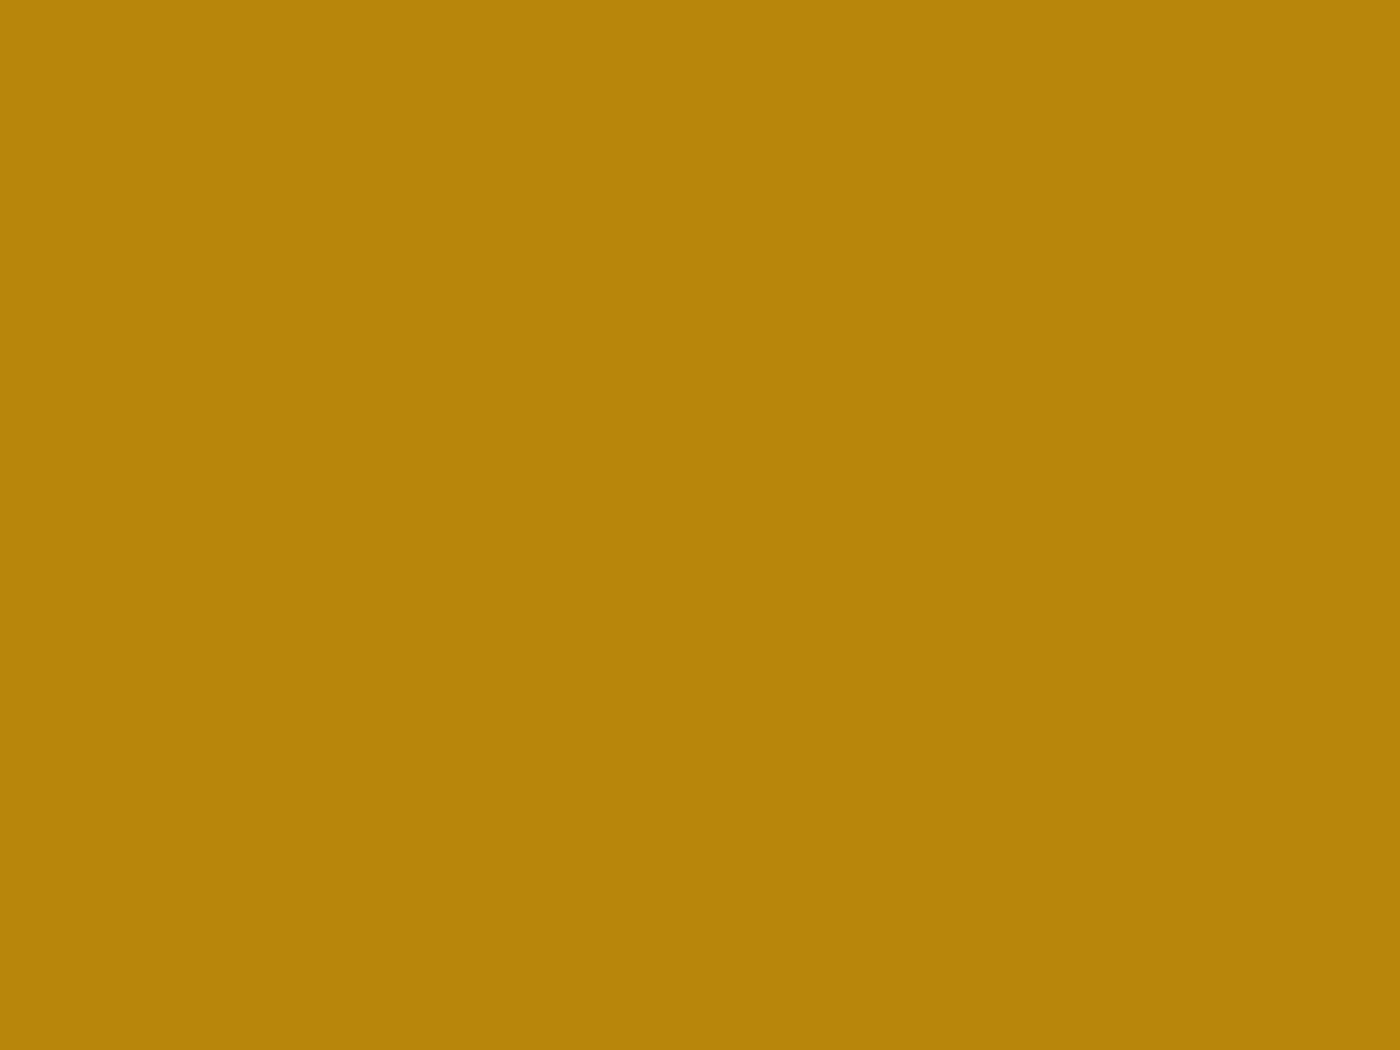 1400x1050 Dark Goldenrod Solid Color Background